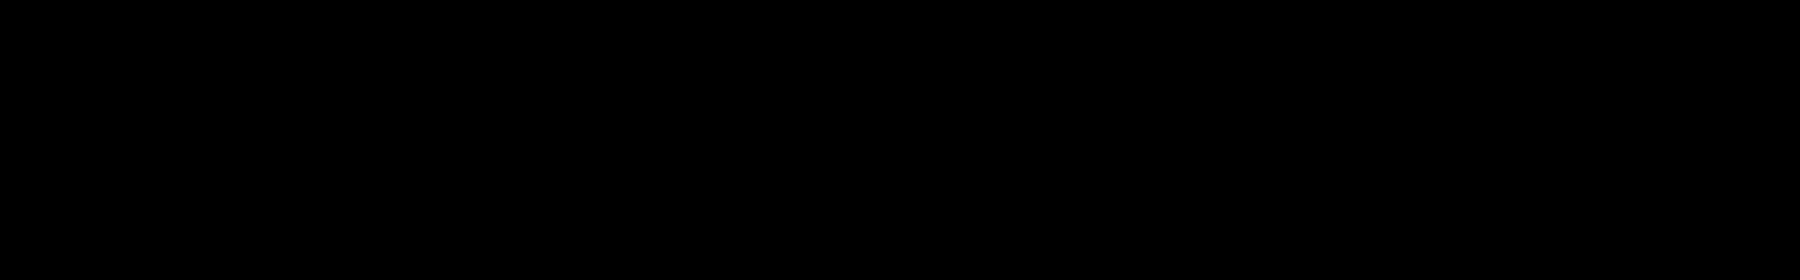 SINEE - VORTEX audio waveform